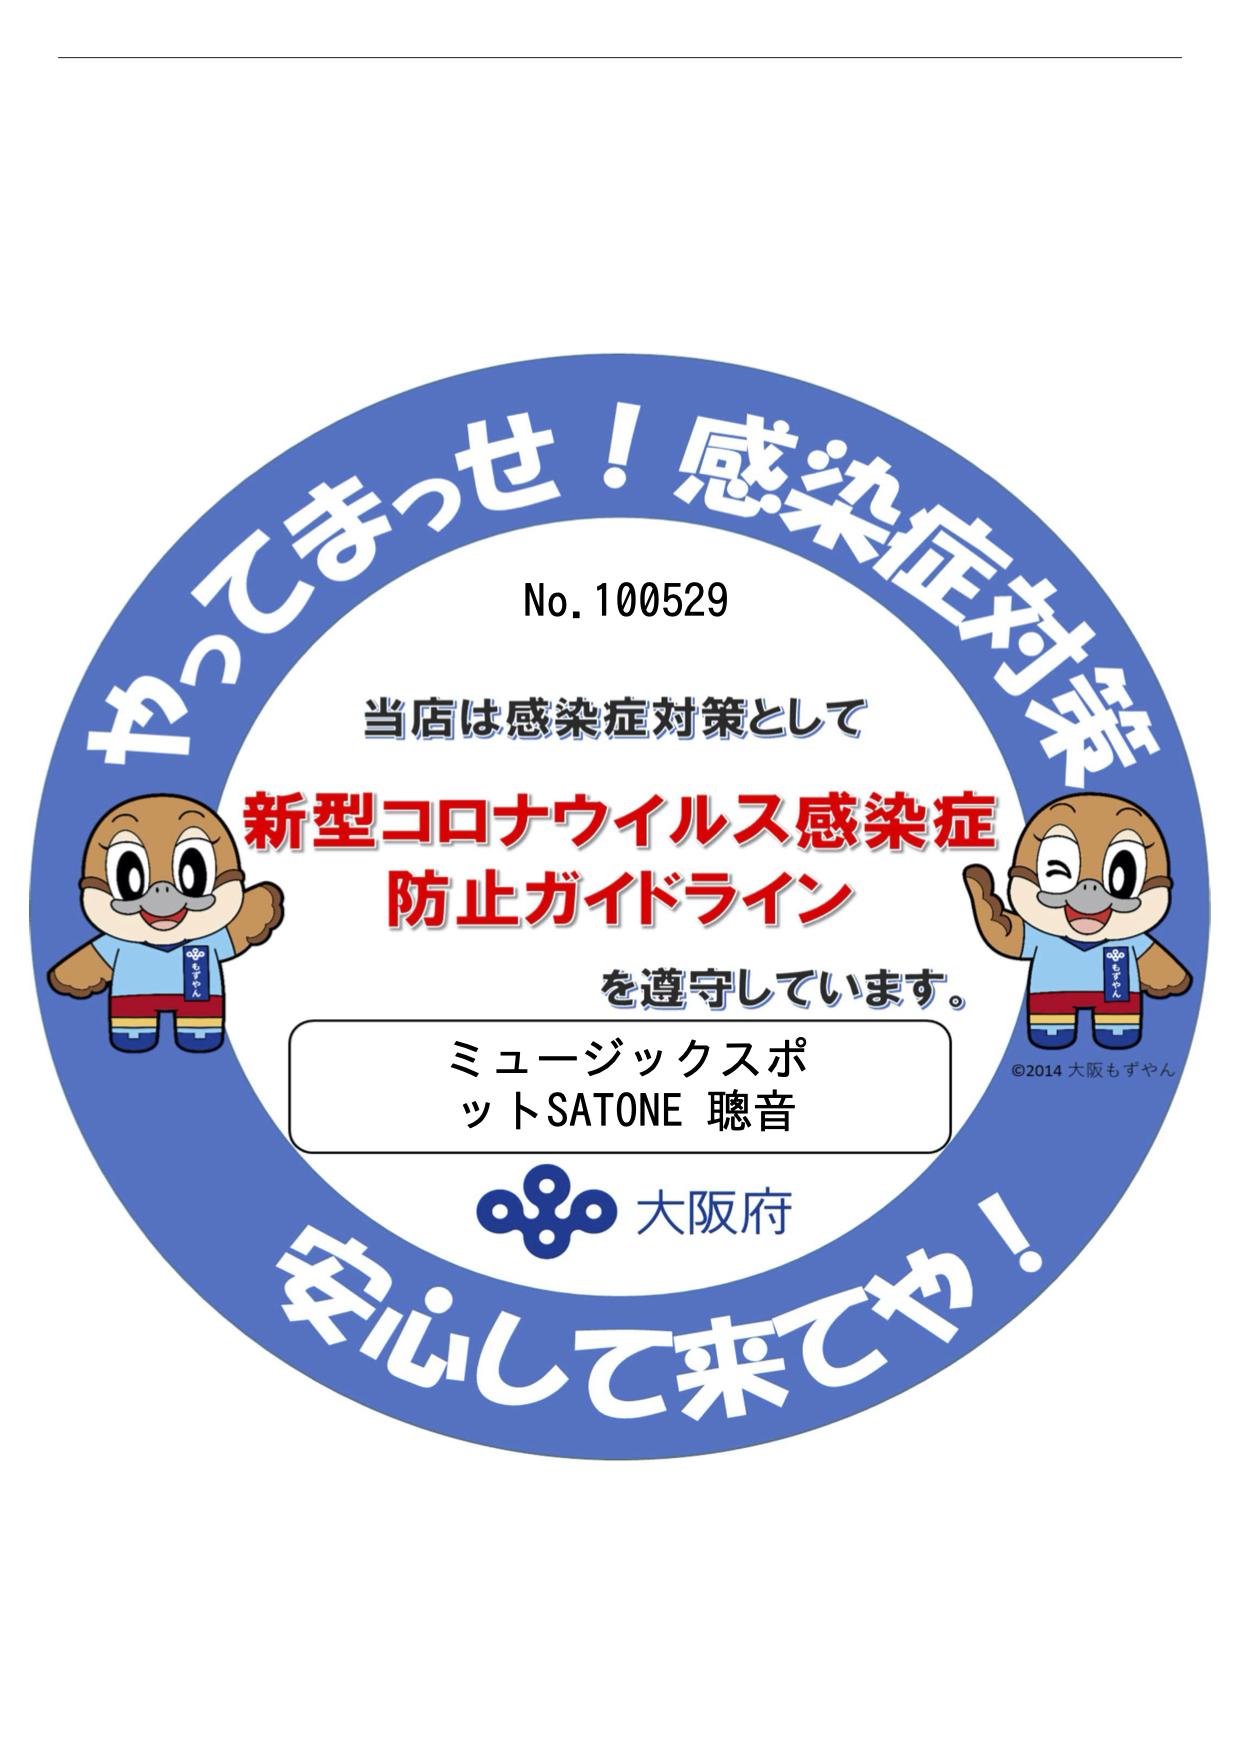 令和2年11月27日から令和2年12月11日までコロナ感染症『イエローステージ(警戒)の対応方針に基づく要請』の発令の要請に従い、この期間の営業時間を変更いたします